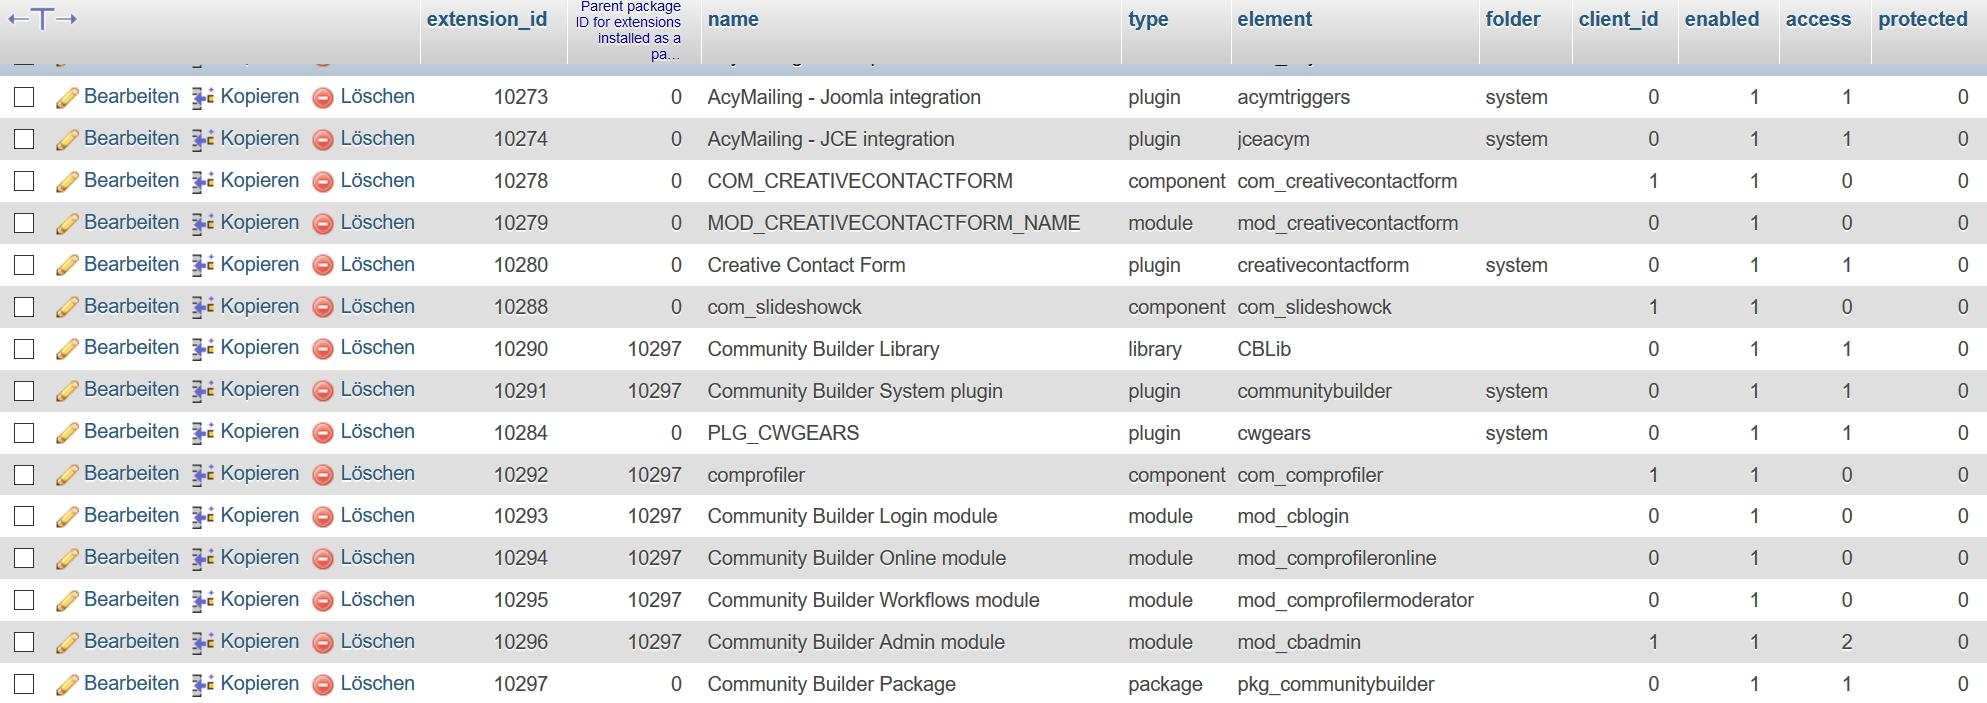 databaseCB-kinkong123.jpg